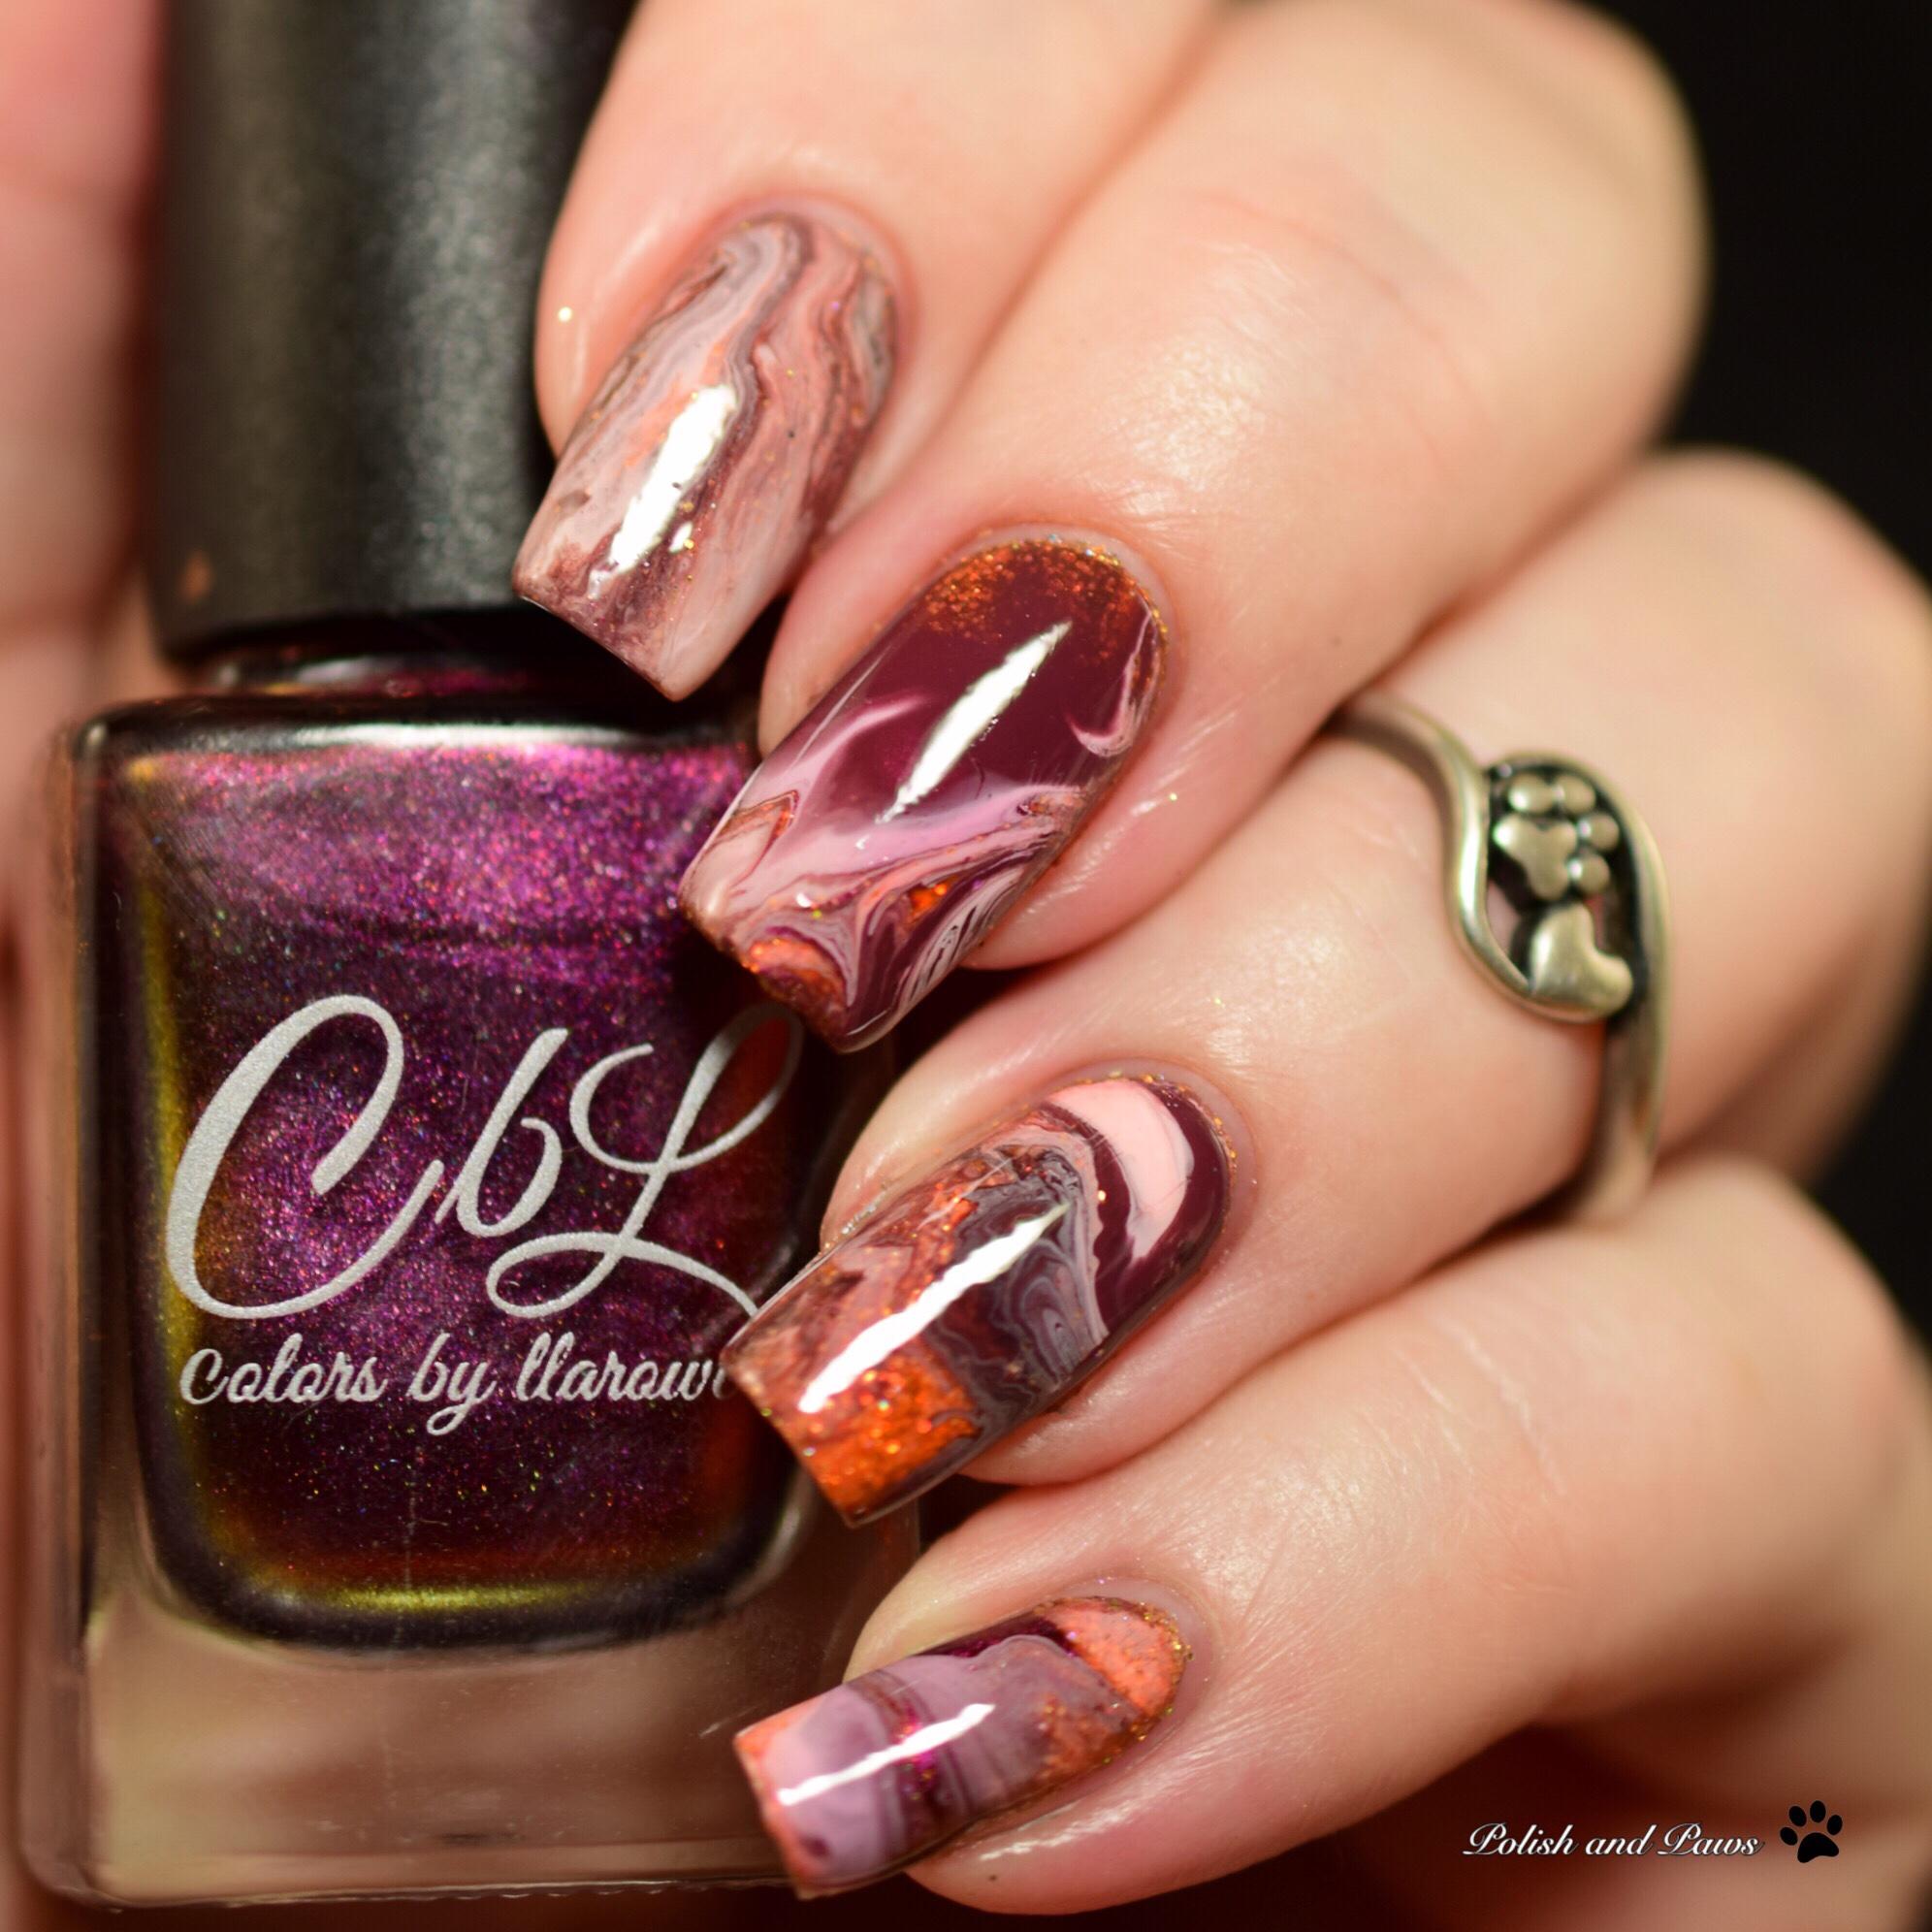 Nail Art: Drip Marble Nails | Polish and Paws